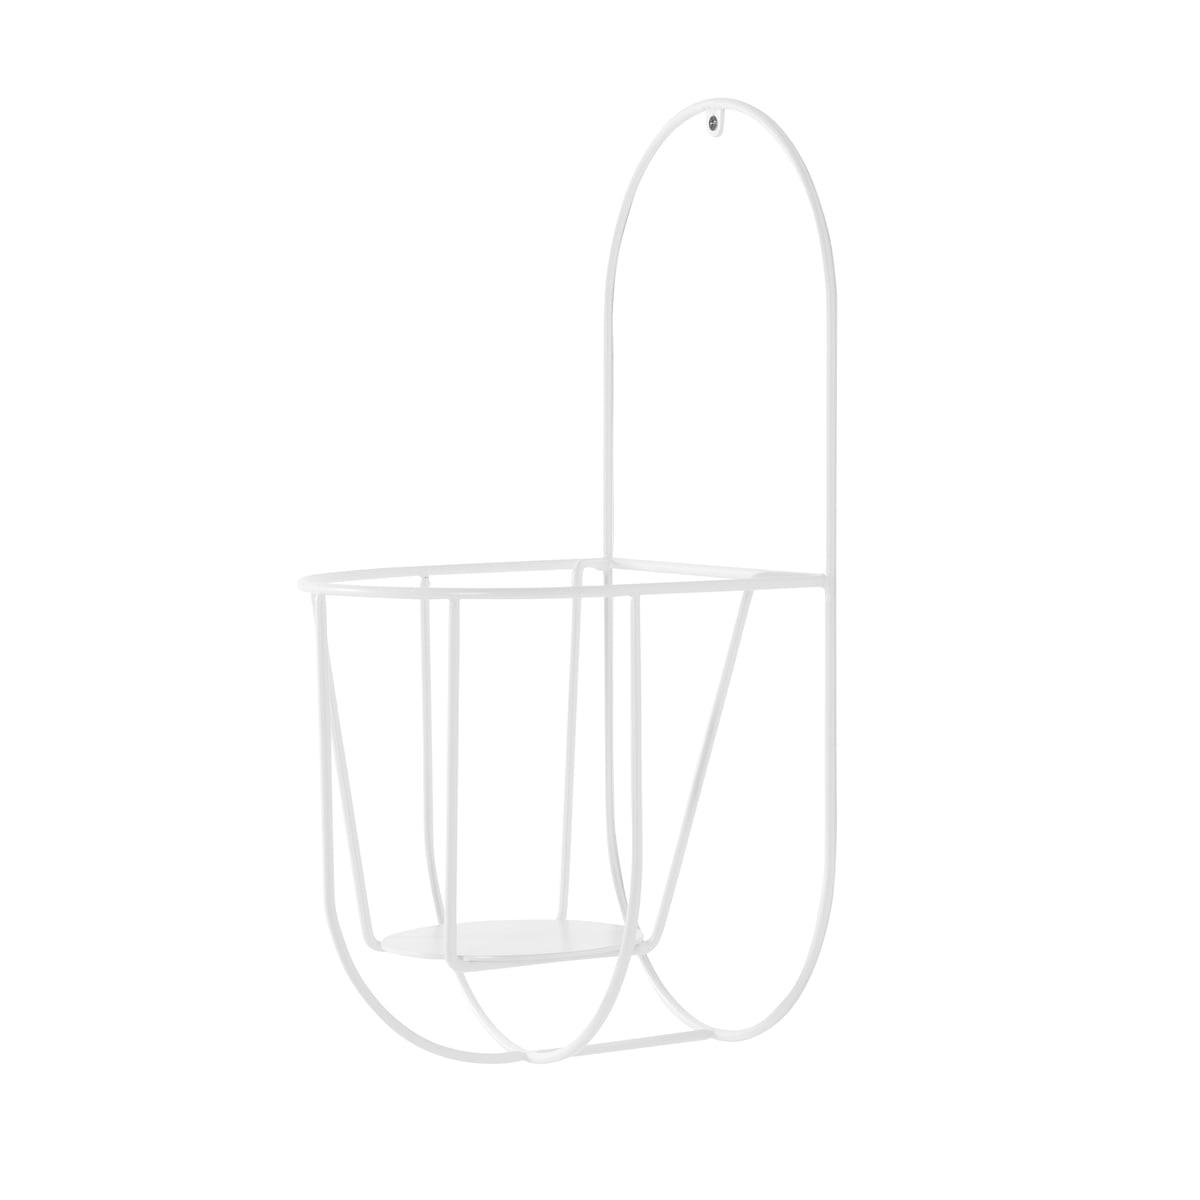 OK Design - Cibele Wand-Blumentopfhalter Large, weiß   Garten > Pflanzen > Blumentöpfe   Weiß   Metalldraht -  pulverbeschichtet   OK Design